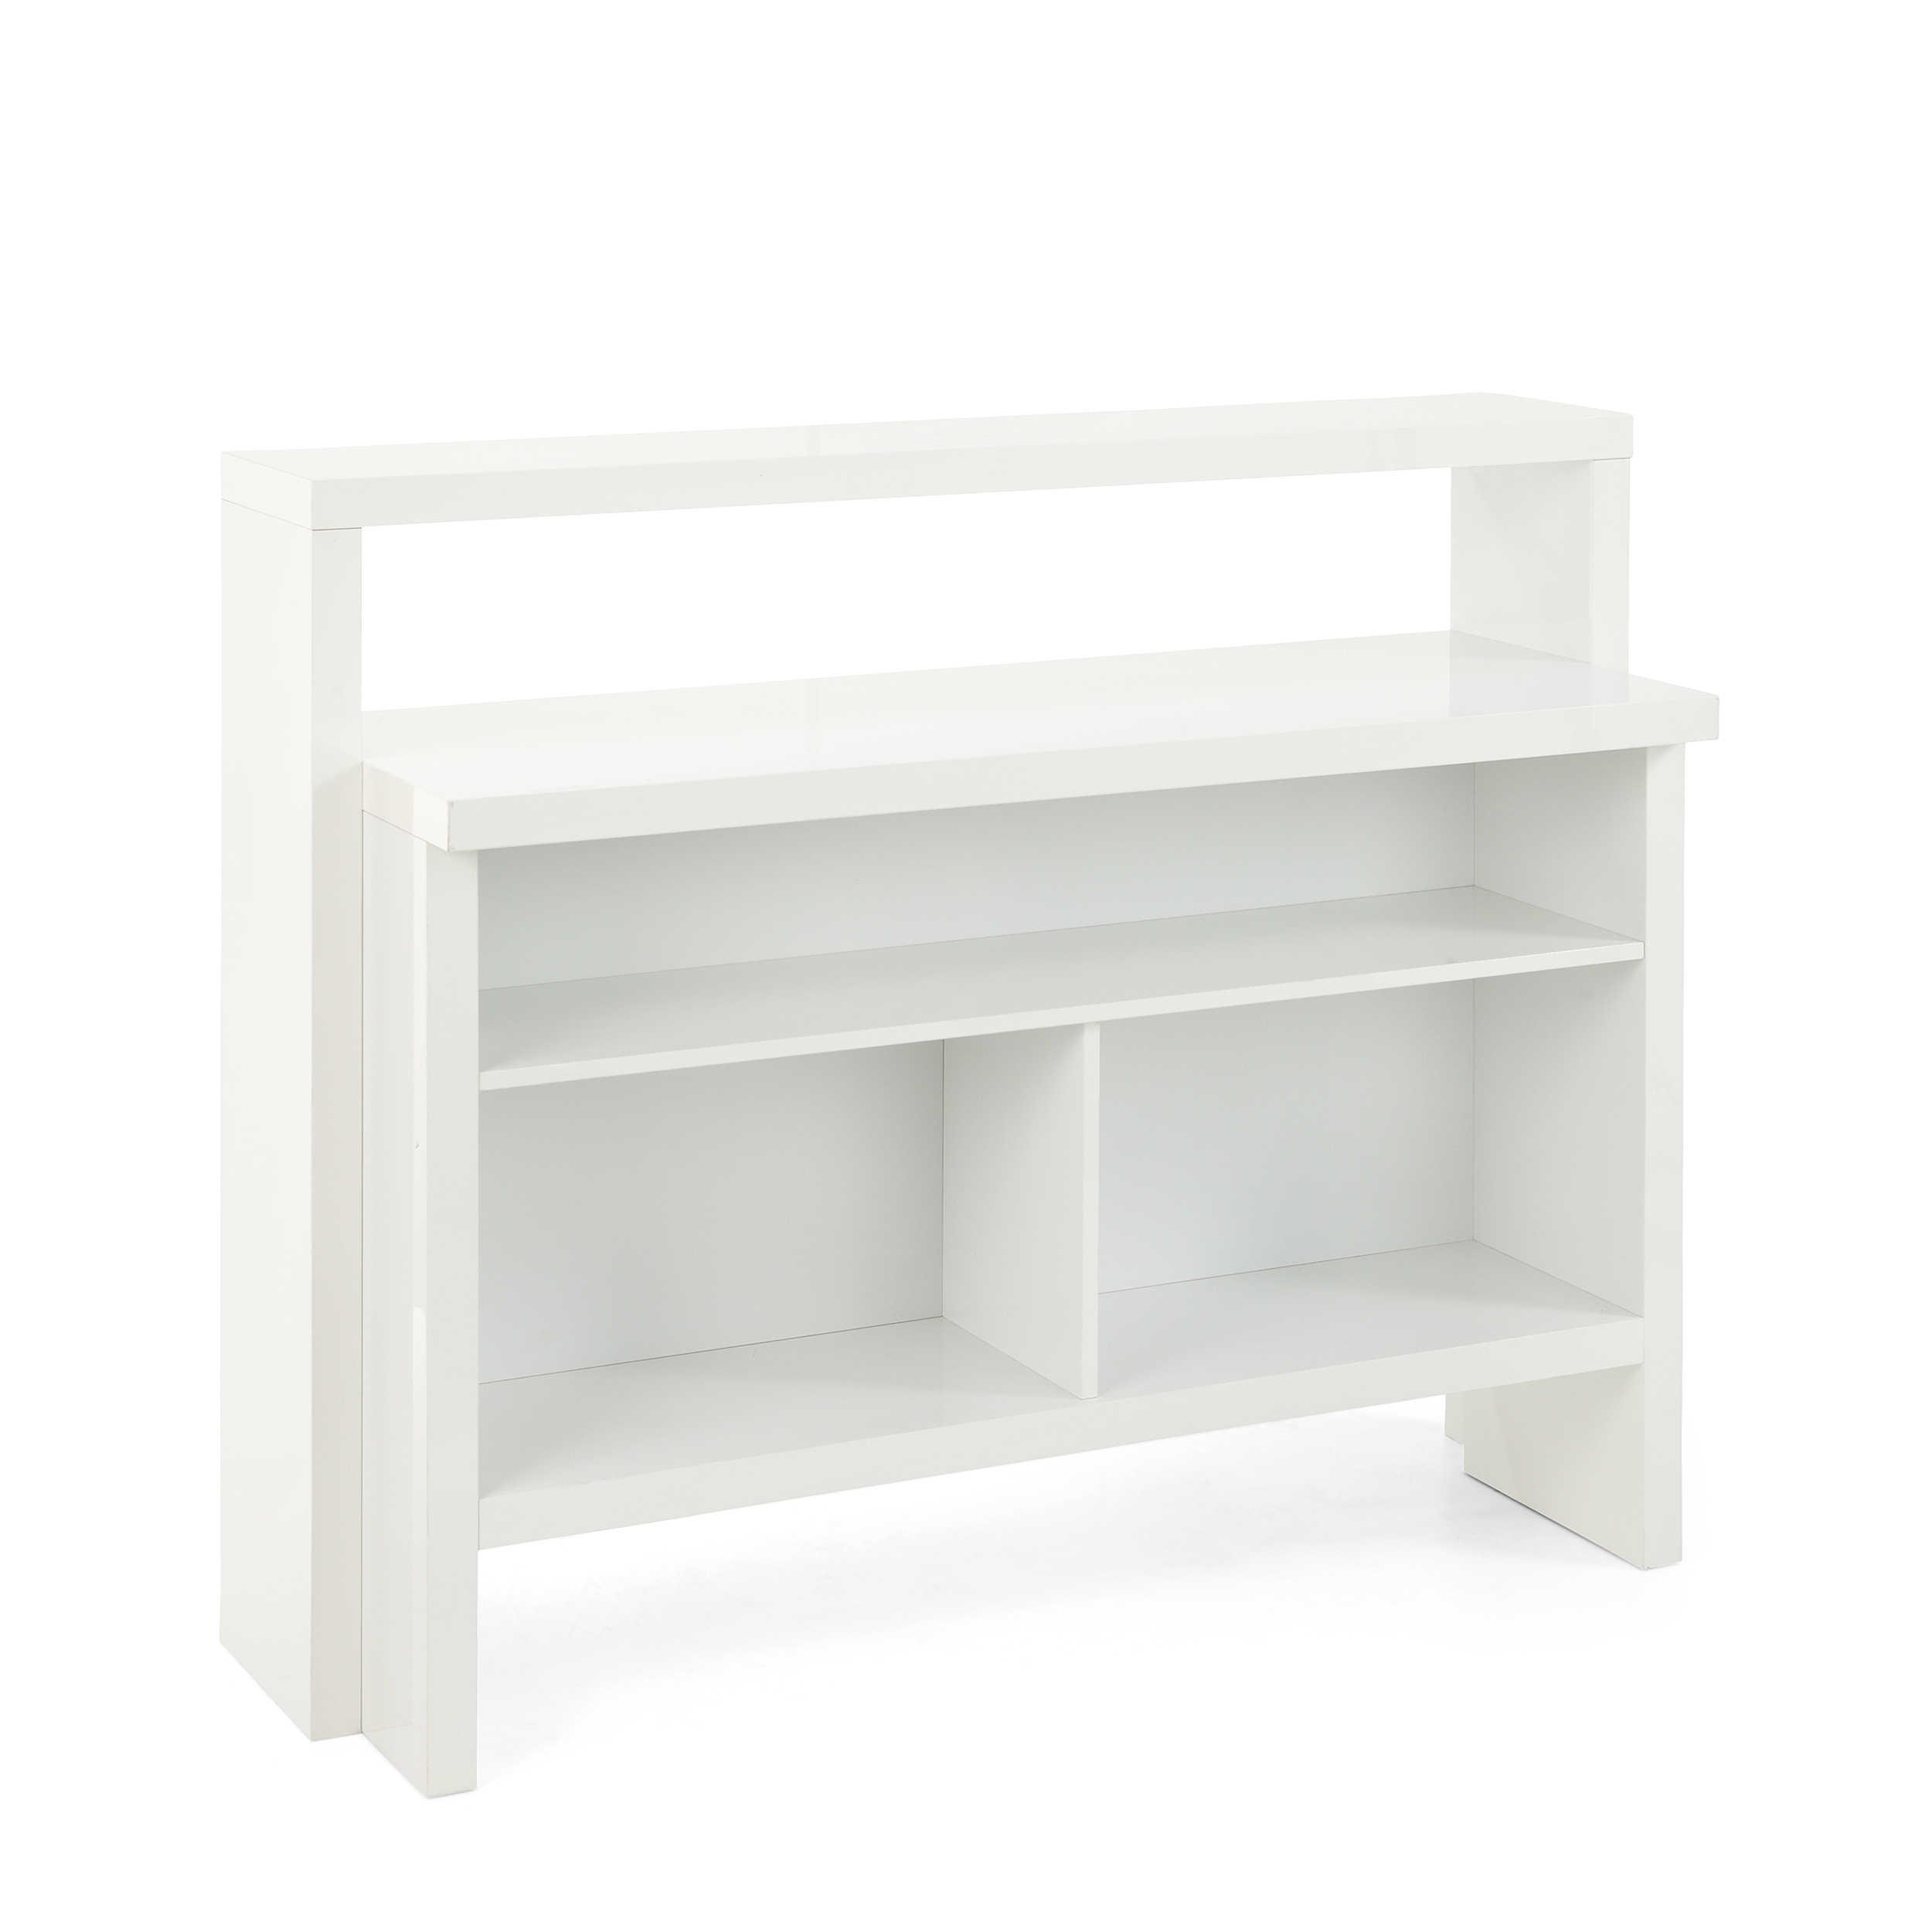 Hmw Bartisch Pescara 130 X 50 Cm Weiß Lack Hochglanz 130 Cm Online